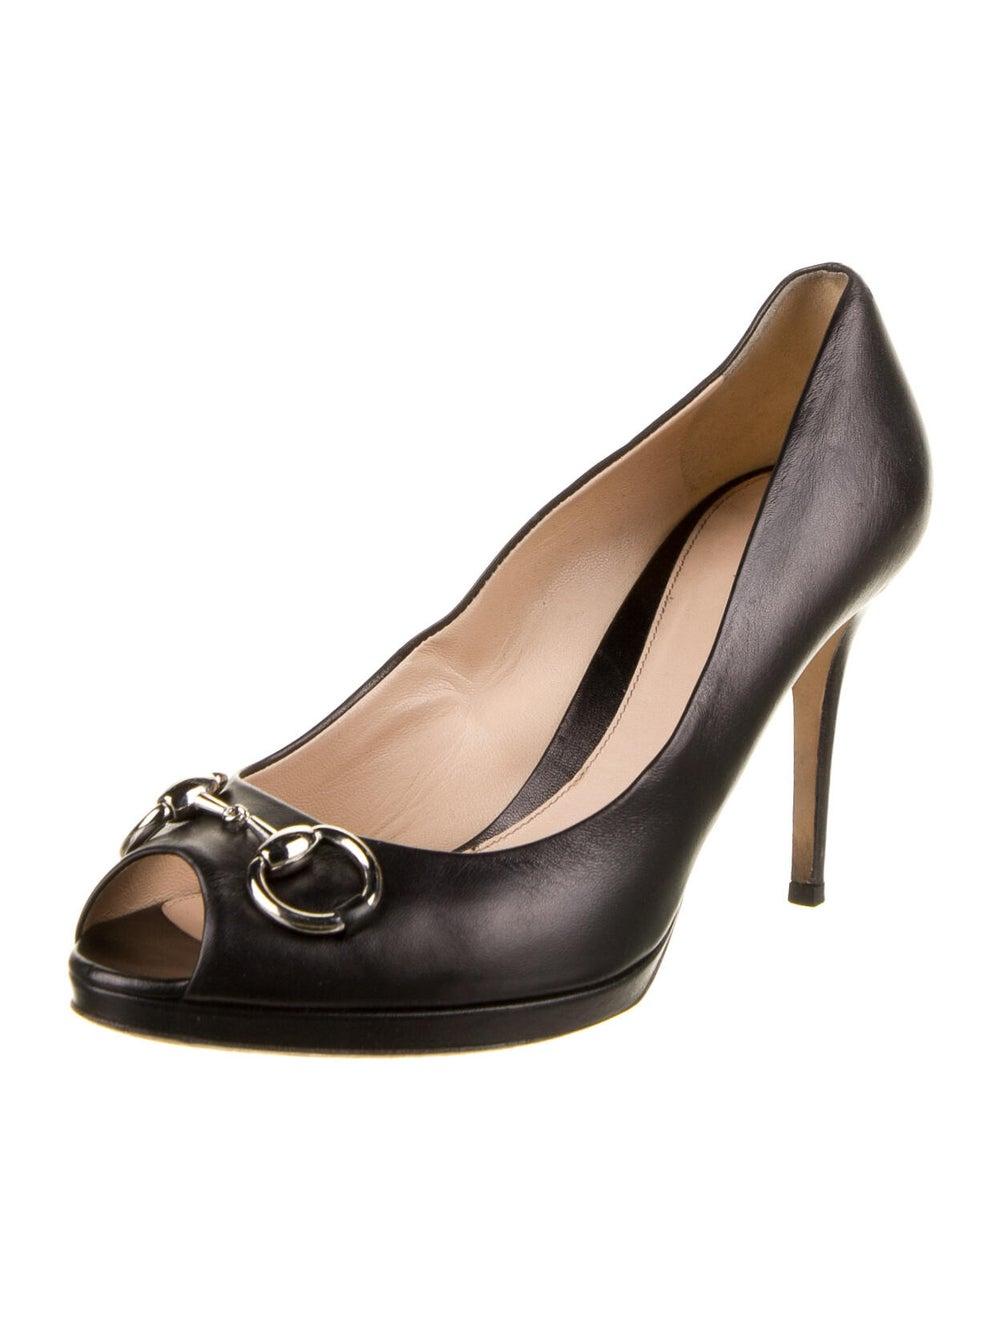 Gucci Horsebit Accent Leather Pumps Black - image 2